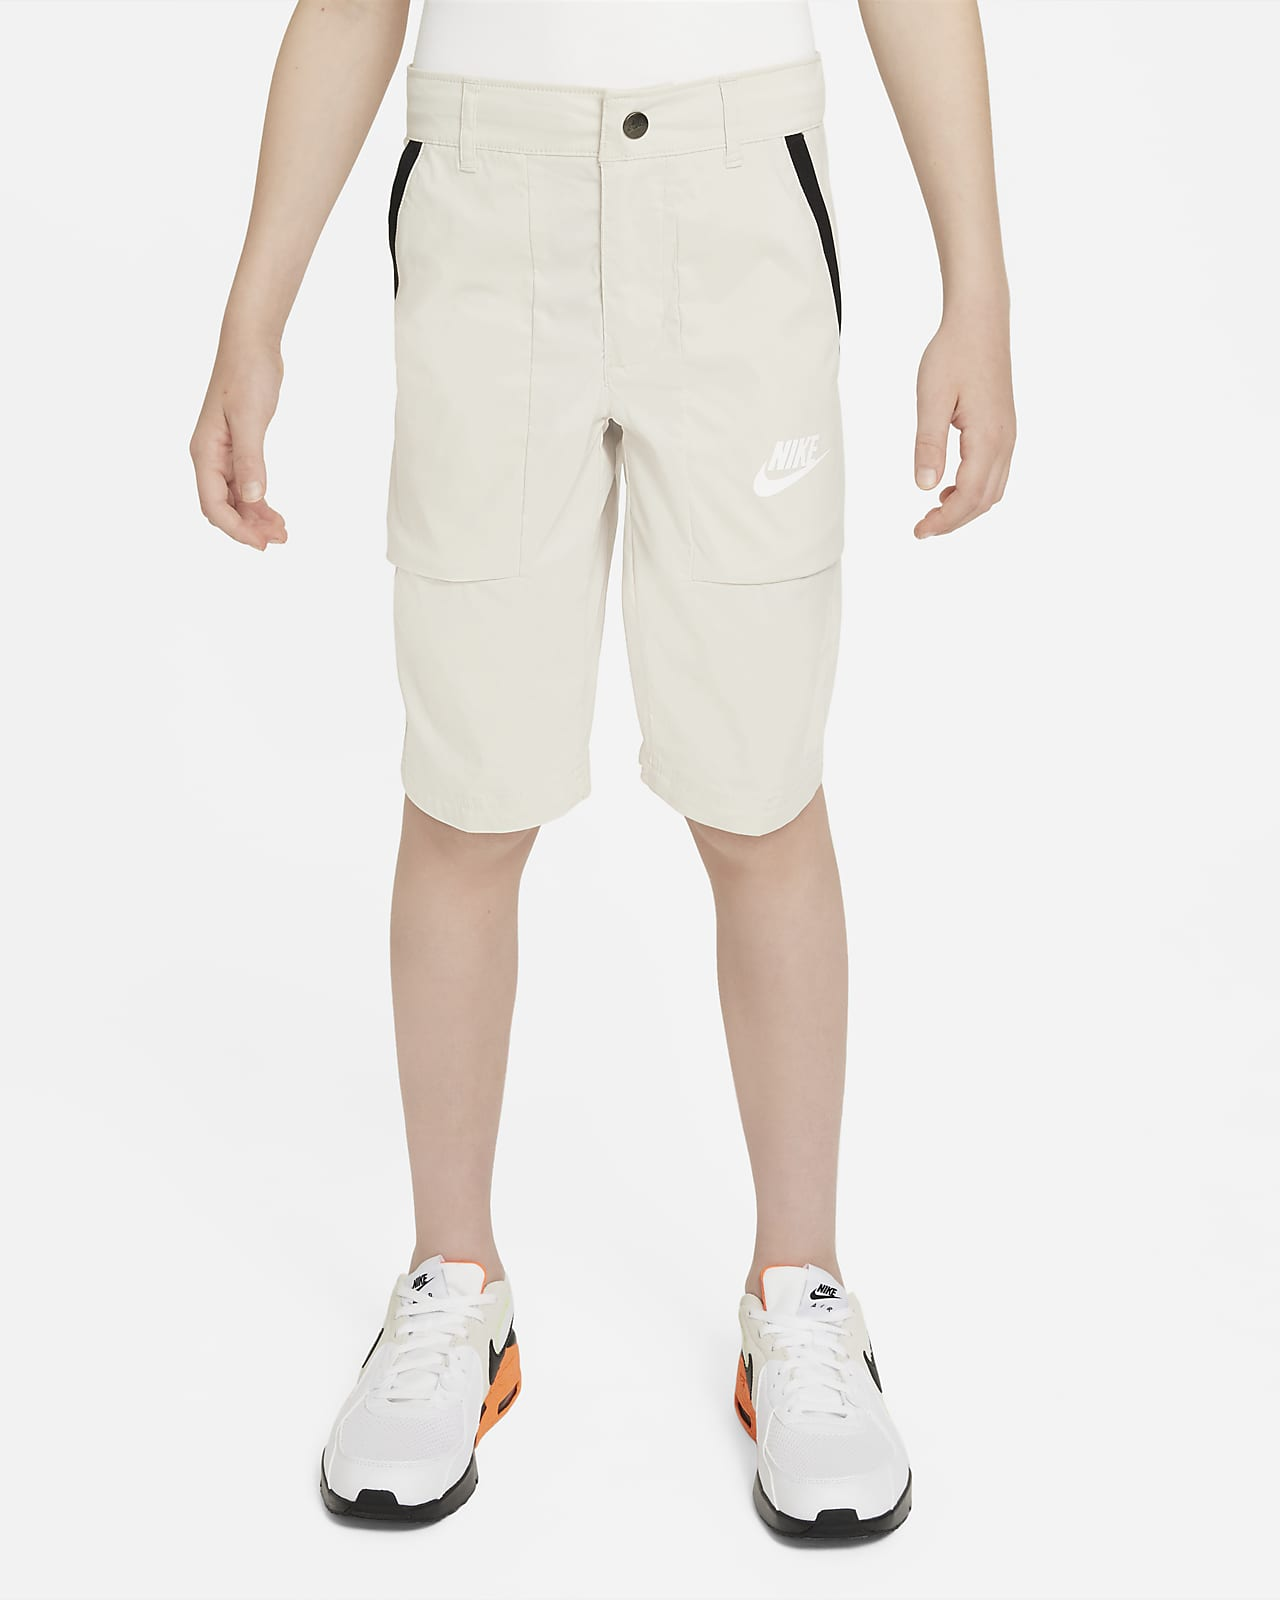 Nike Sportswear Older Kids' (Boys') Cargo Shorts